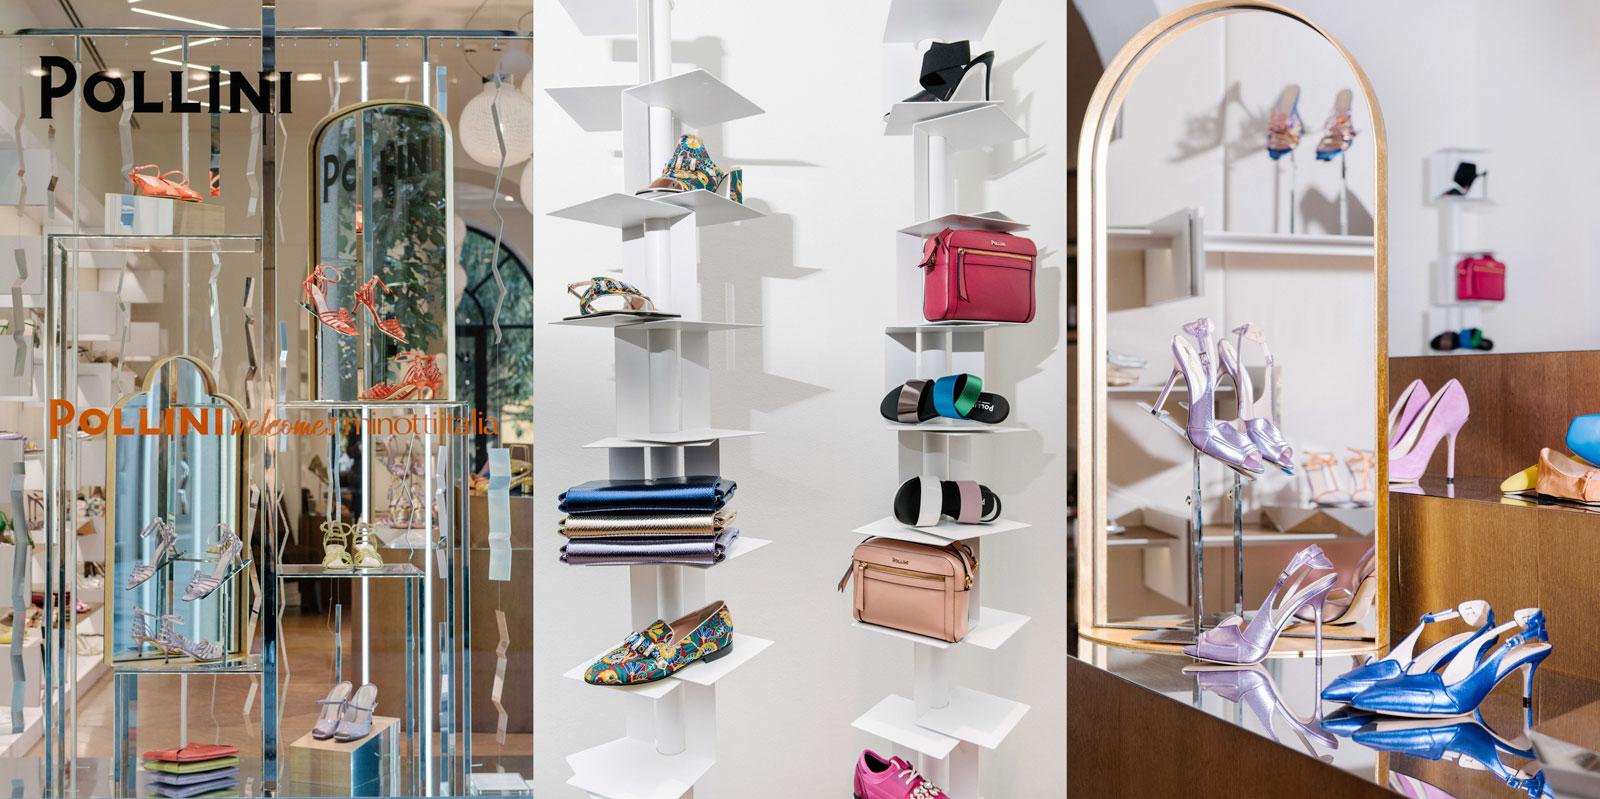 a51590c9b2 Pollini partecipa alla Milano Design Week 2019 ospitando negli spazi del  negozio di via della Spiga una selezione di proposte di arredo di  minottiitalia, ...